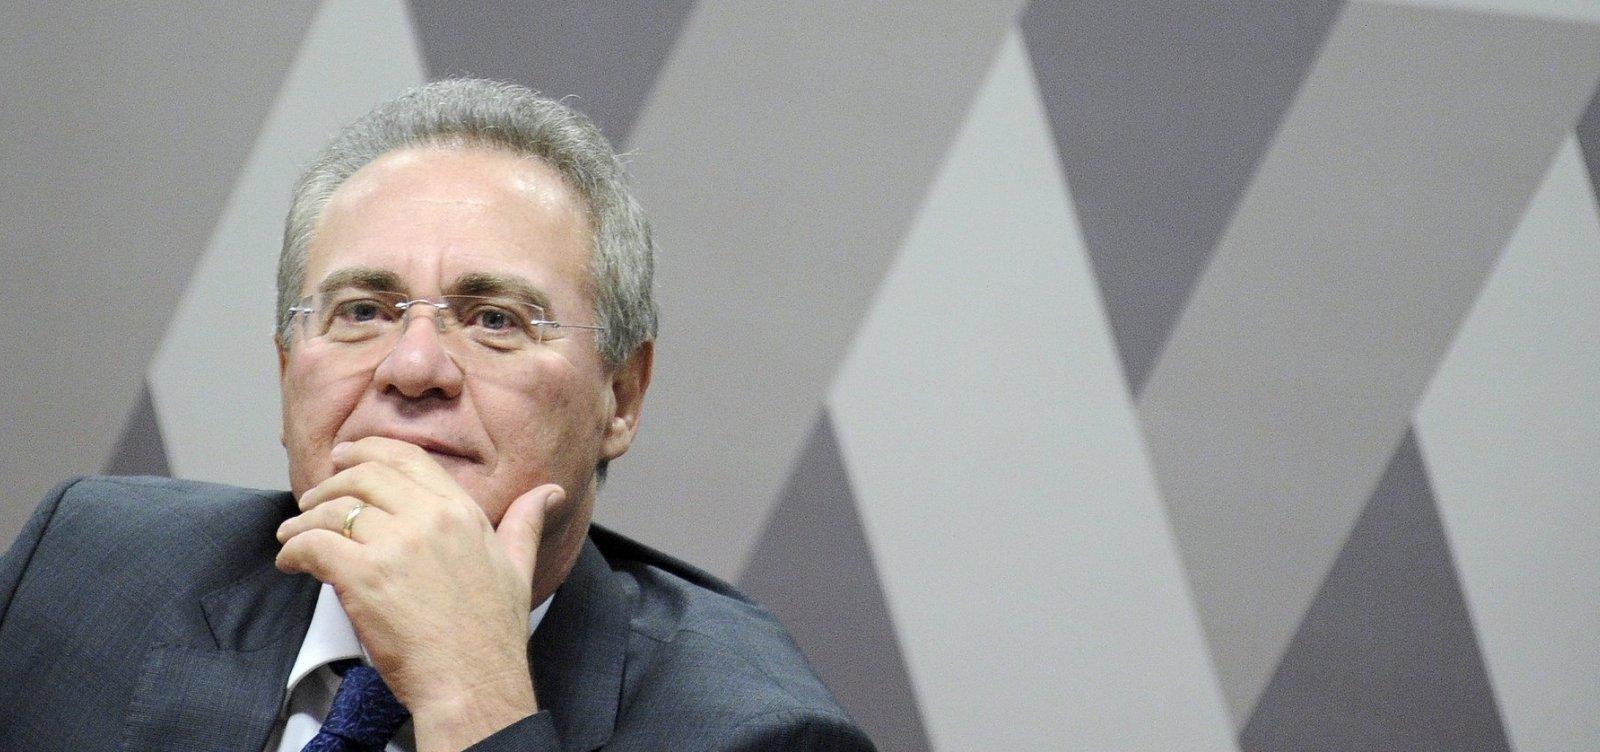 [Renan ganha apoio para presidir Senado, mas líderes buscam nome de centro]